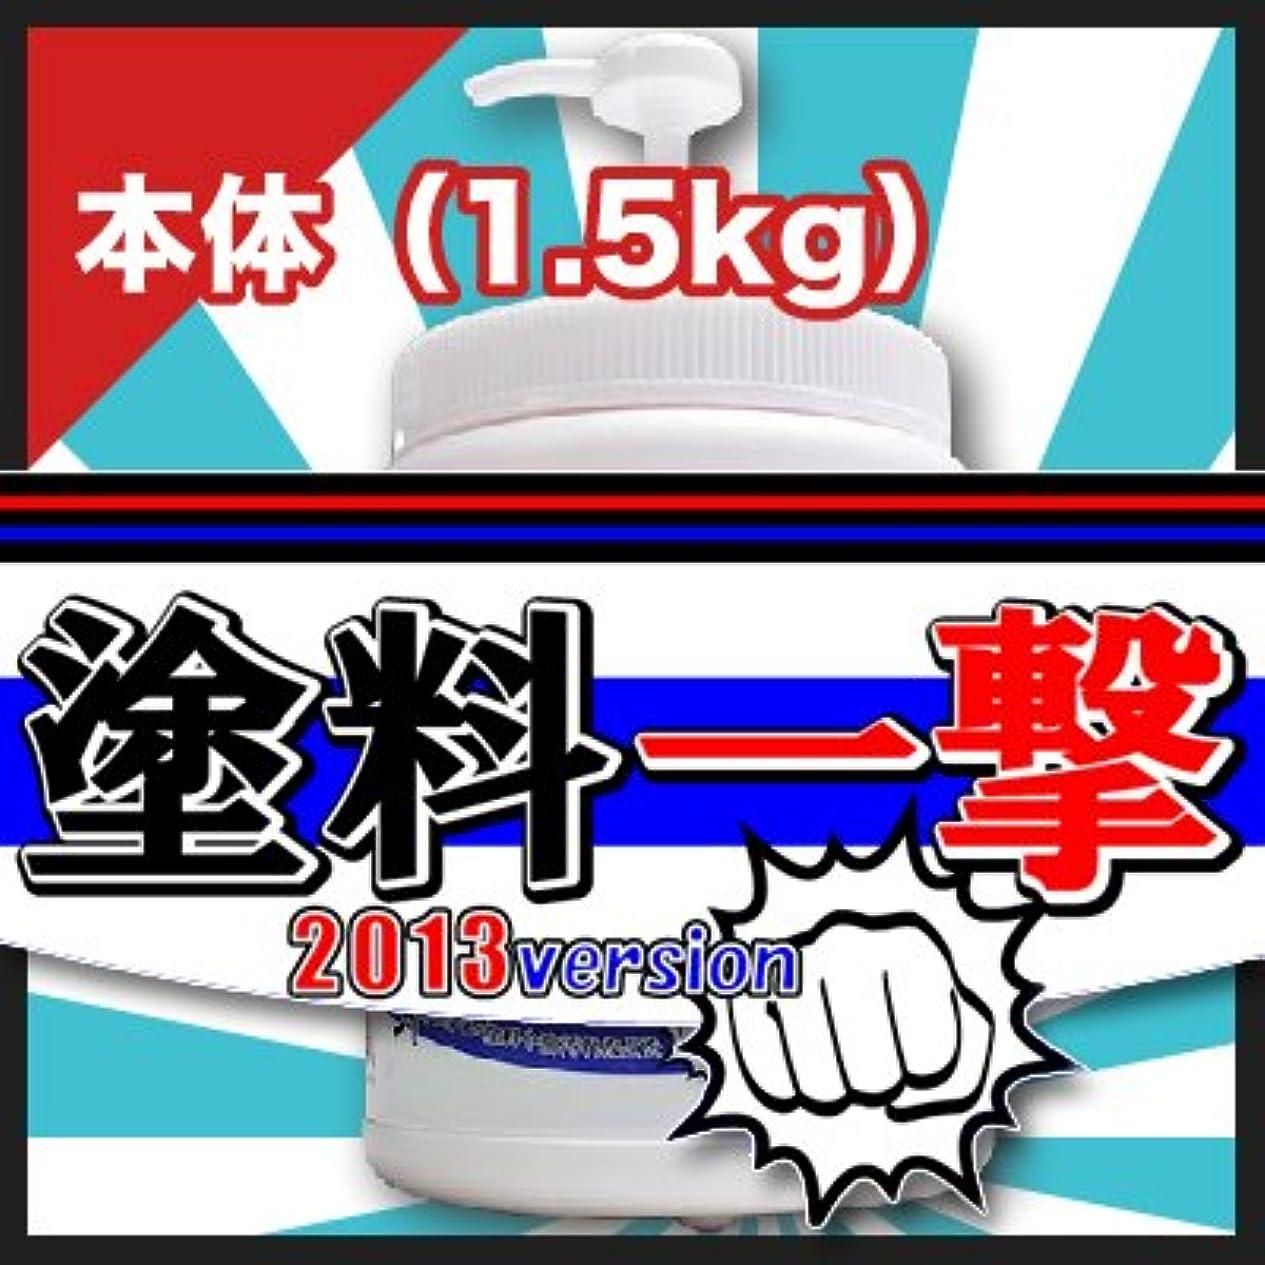 ドアミラーバーベキュー高架D.Iプランニング 塗料一撃 2013 Version 本体 (1.5kg)